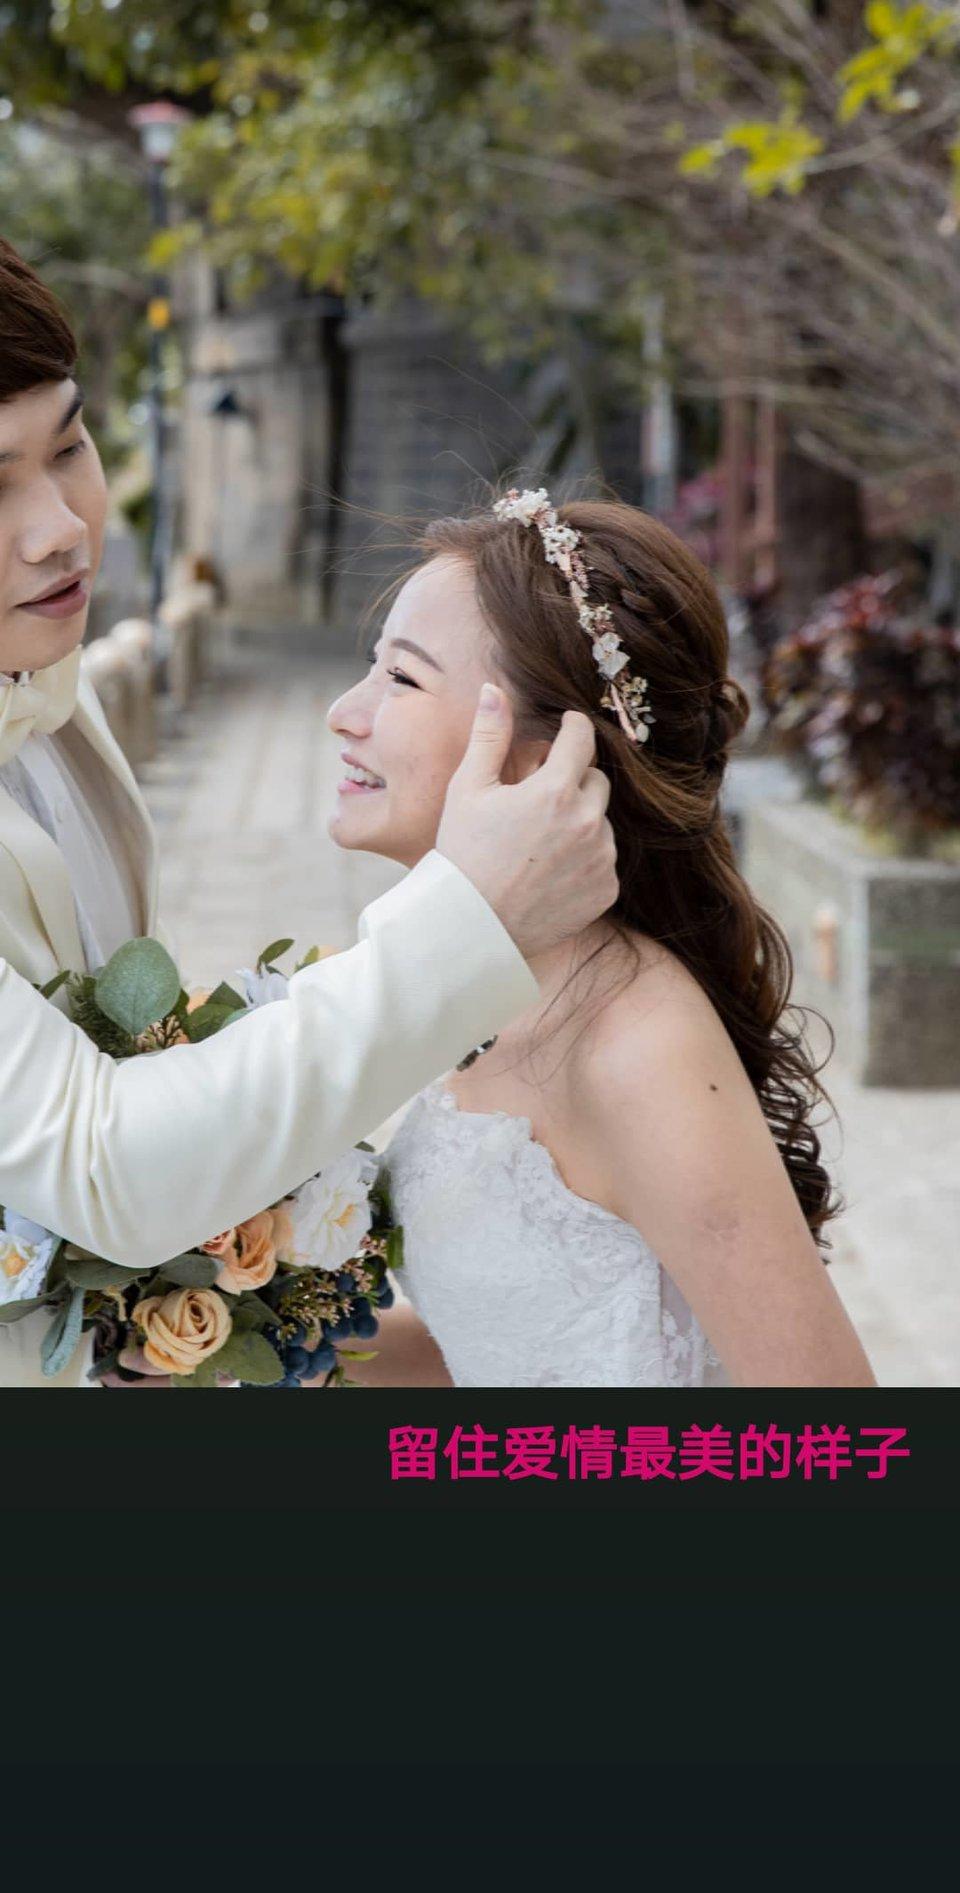 伊頓自助婚紗攝影工作室(台北西門店),从马来西亚到台湾拍摄婚纱照!